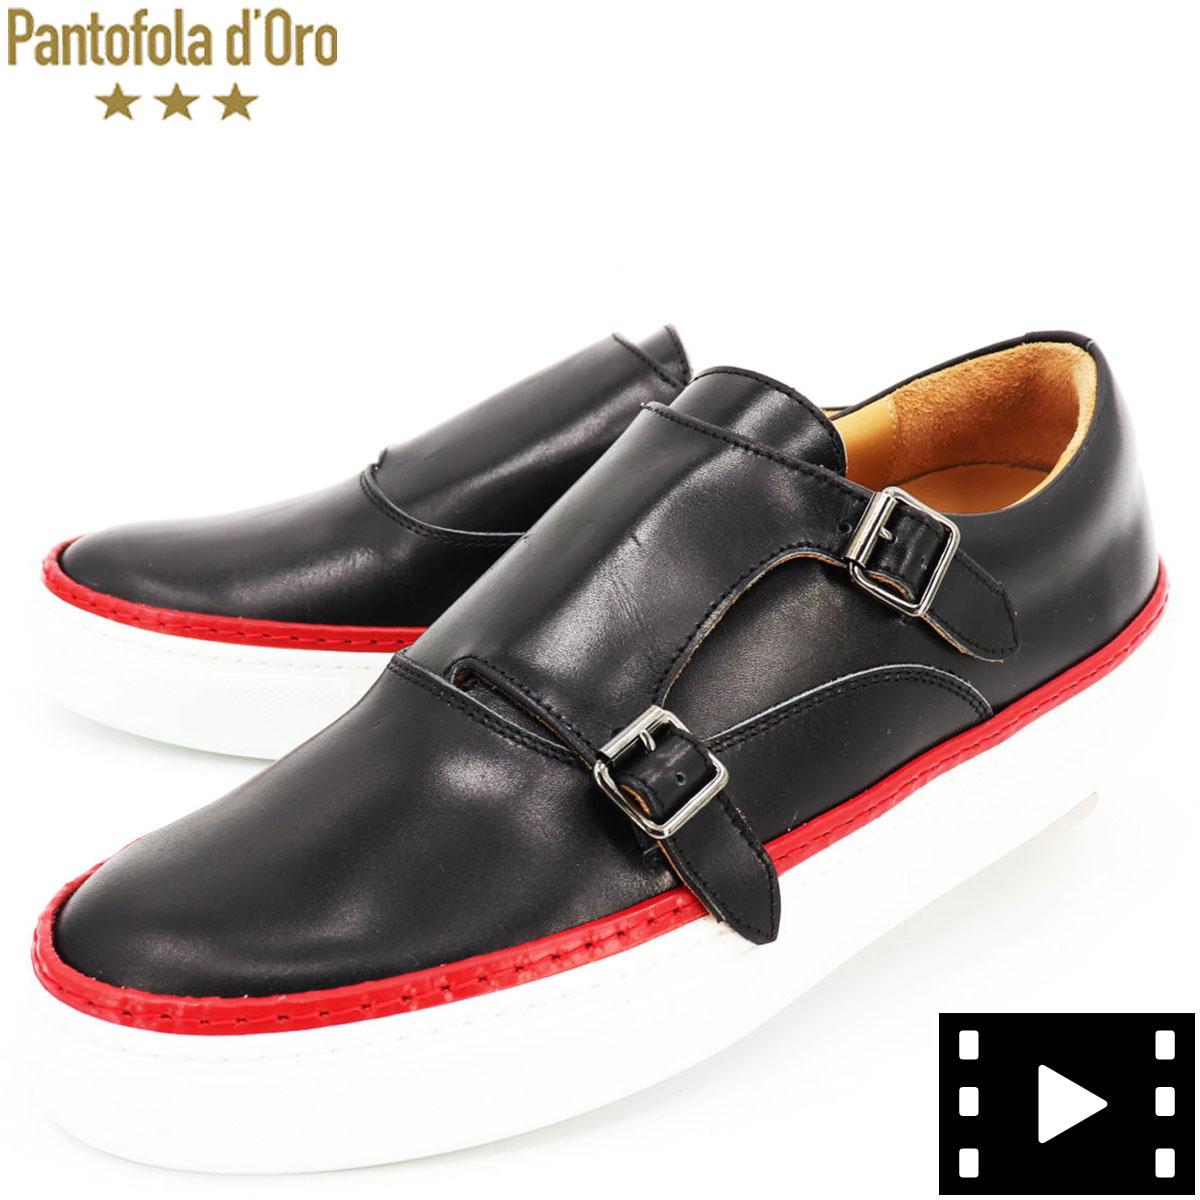 パントフォラドーロ Pantofola d'Oro メンズ ダブルモンクストラップ レザースニーカー CLUBHOUSE PDO DVS2 BLK(ブラック)